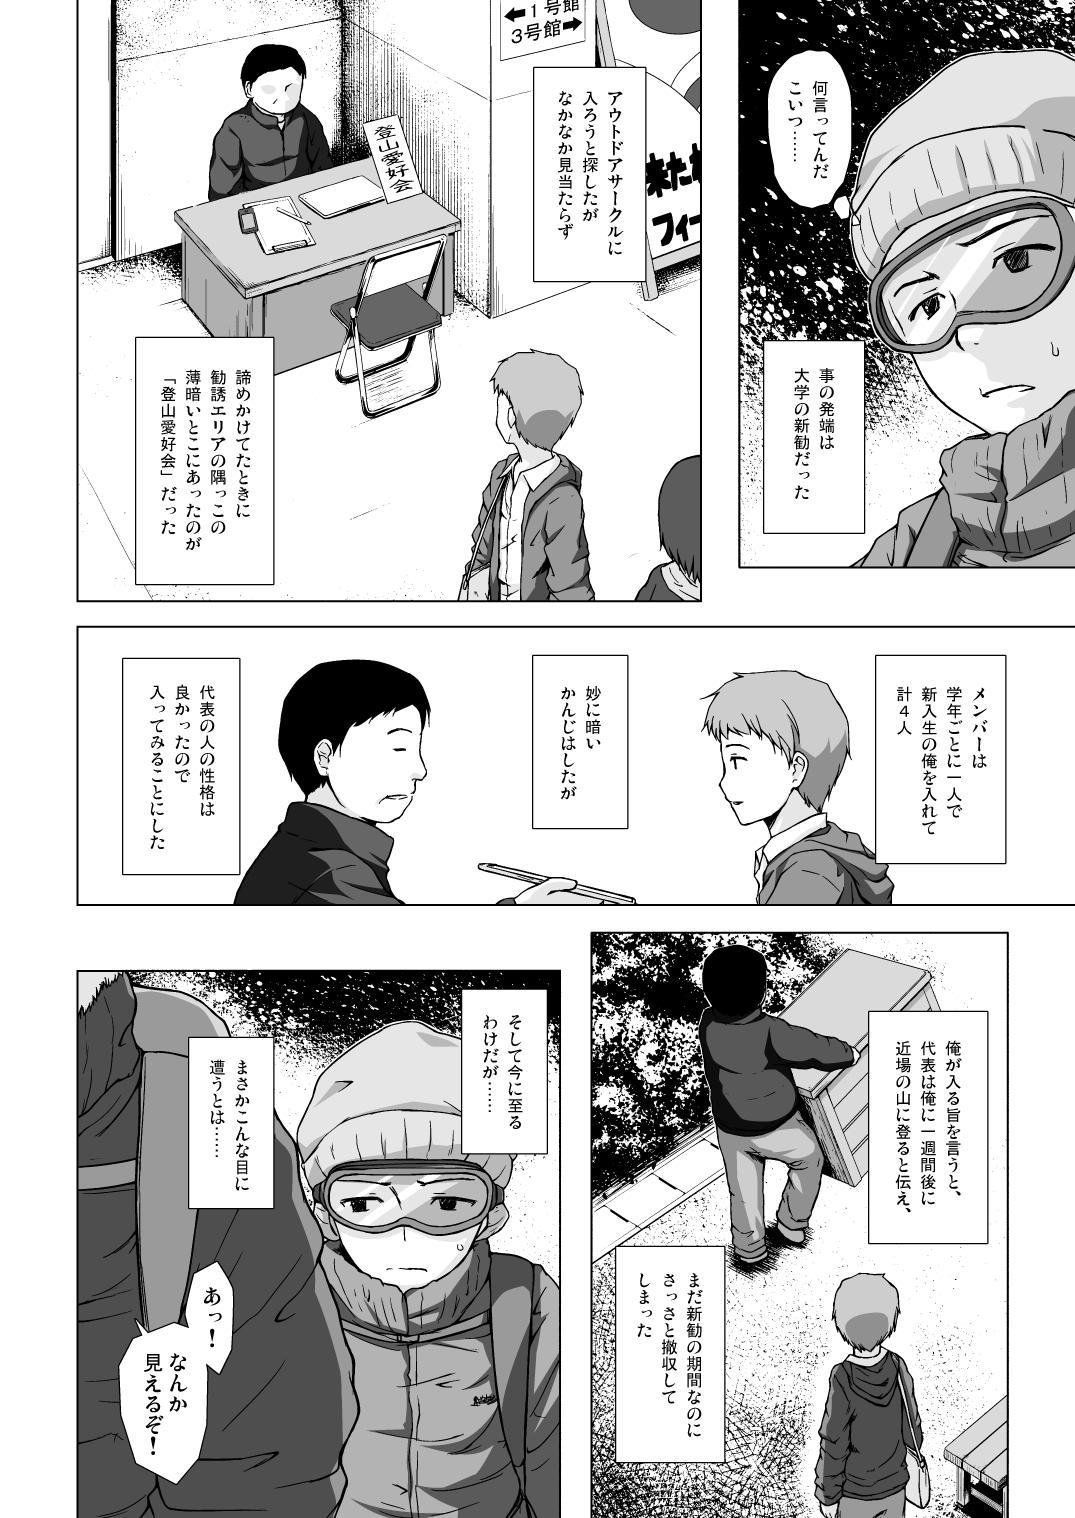 Monokemono Hachi-ya 2